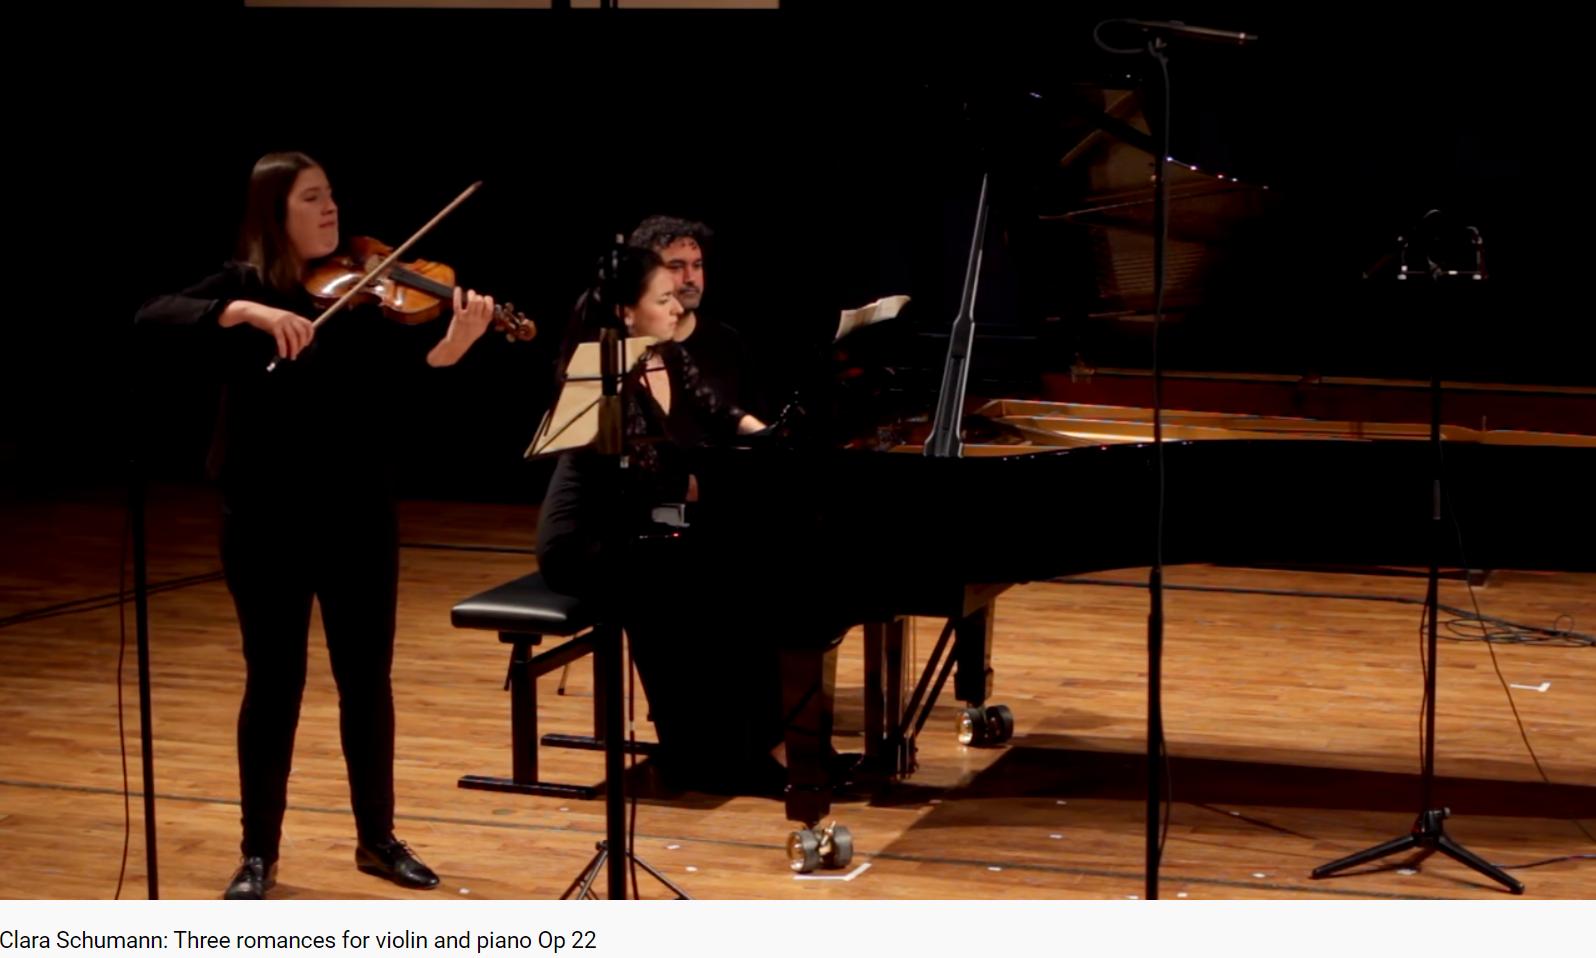 Clara schumann trois romances pour violon et piano opus 22